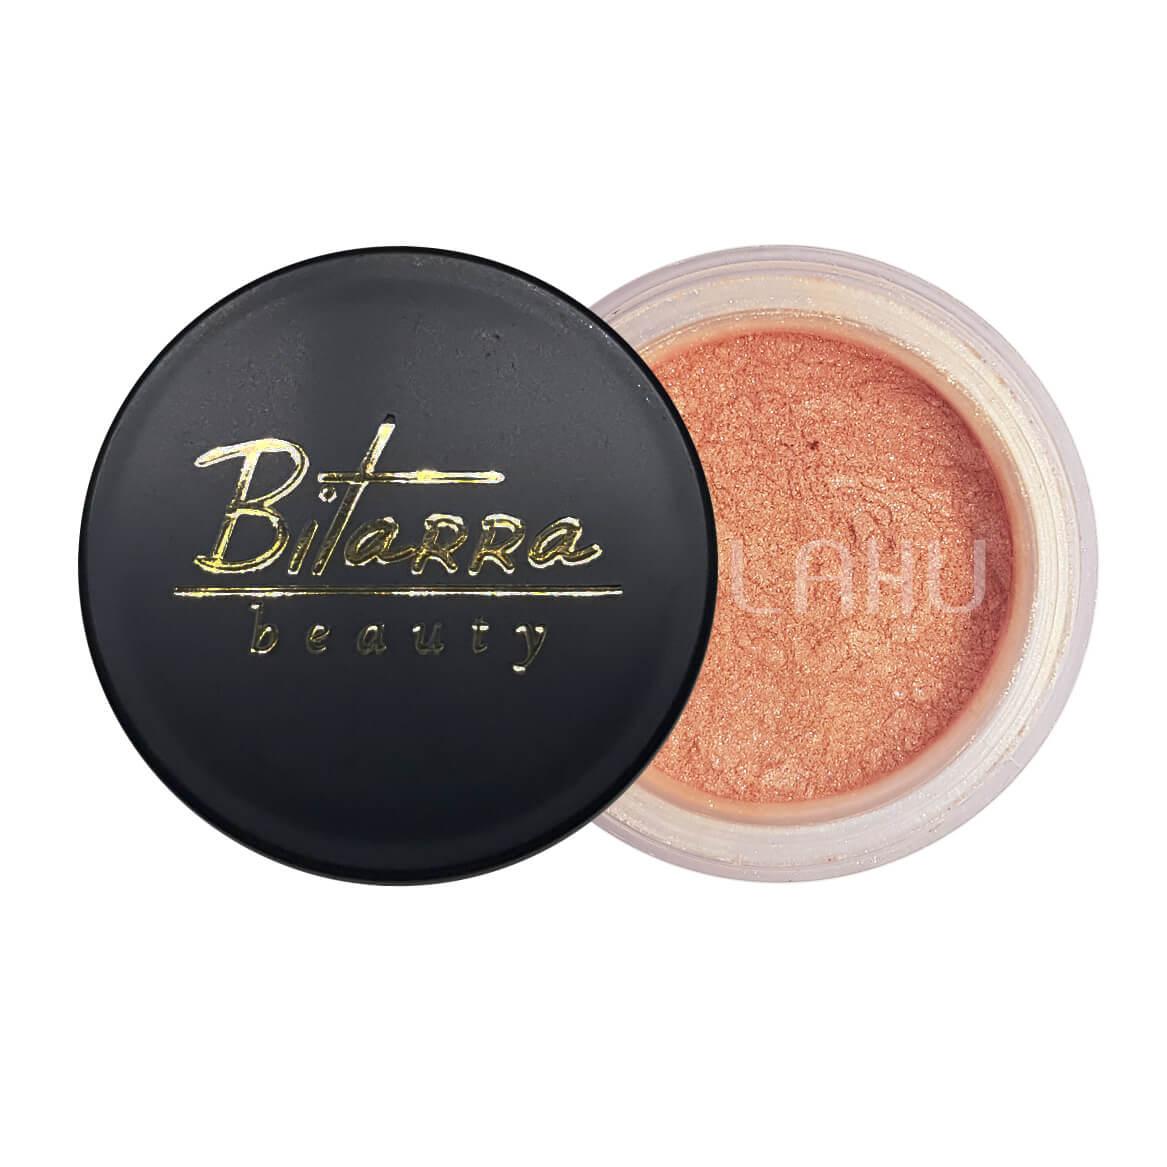 Pó Facial iluminador 02 Bitarra Beauty